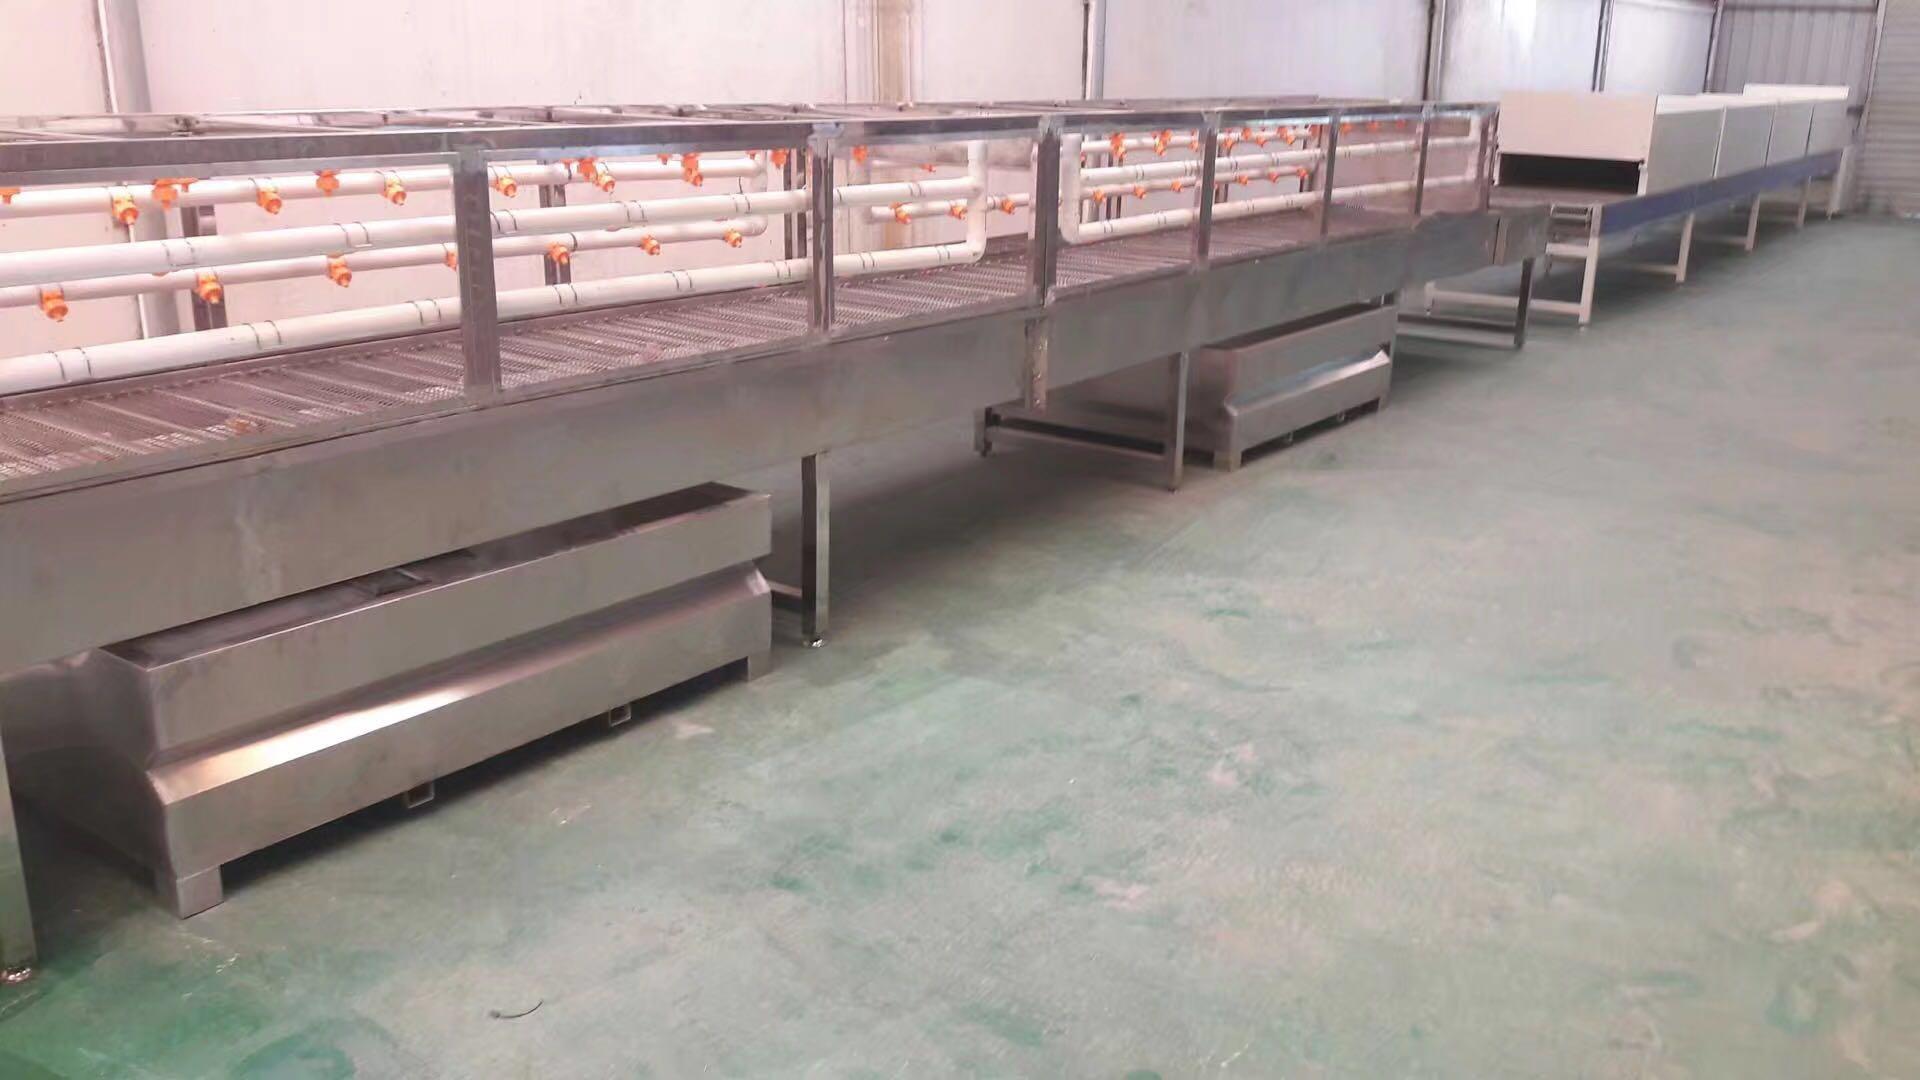 深圳艺彩水转印设备  深圳厂家免费培训水转印技术  厂家提供水转印耗材